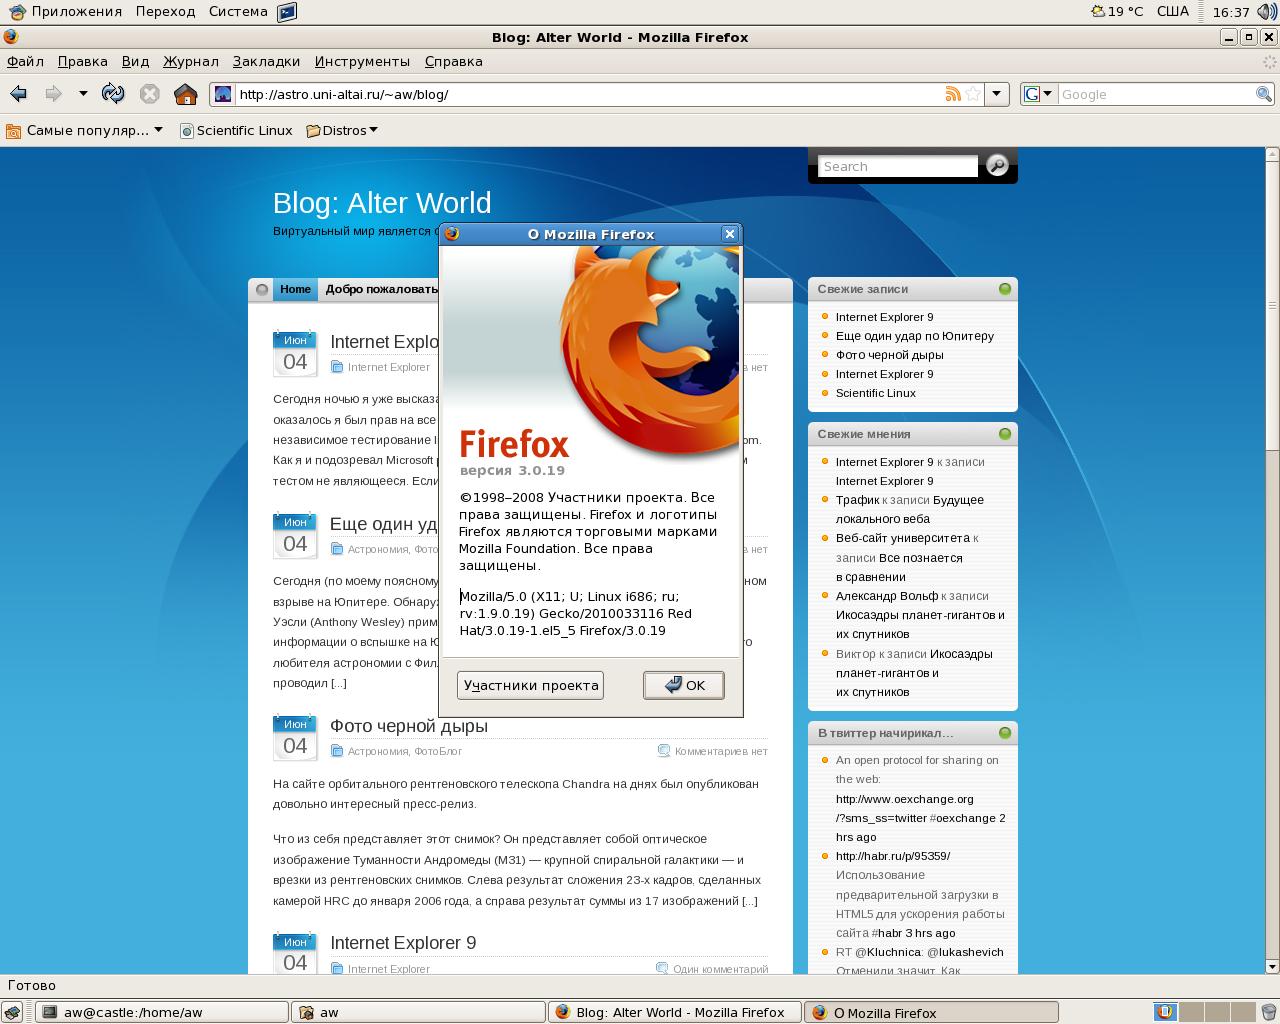 Как сделать Firefox браузером по умолчанию Справка Firefox 24